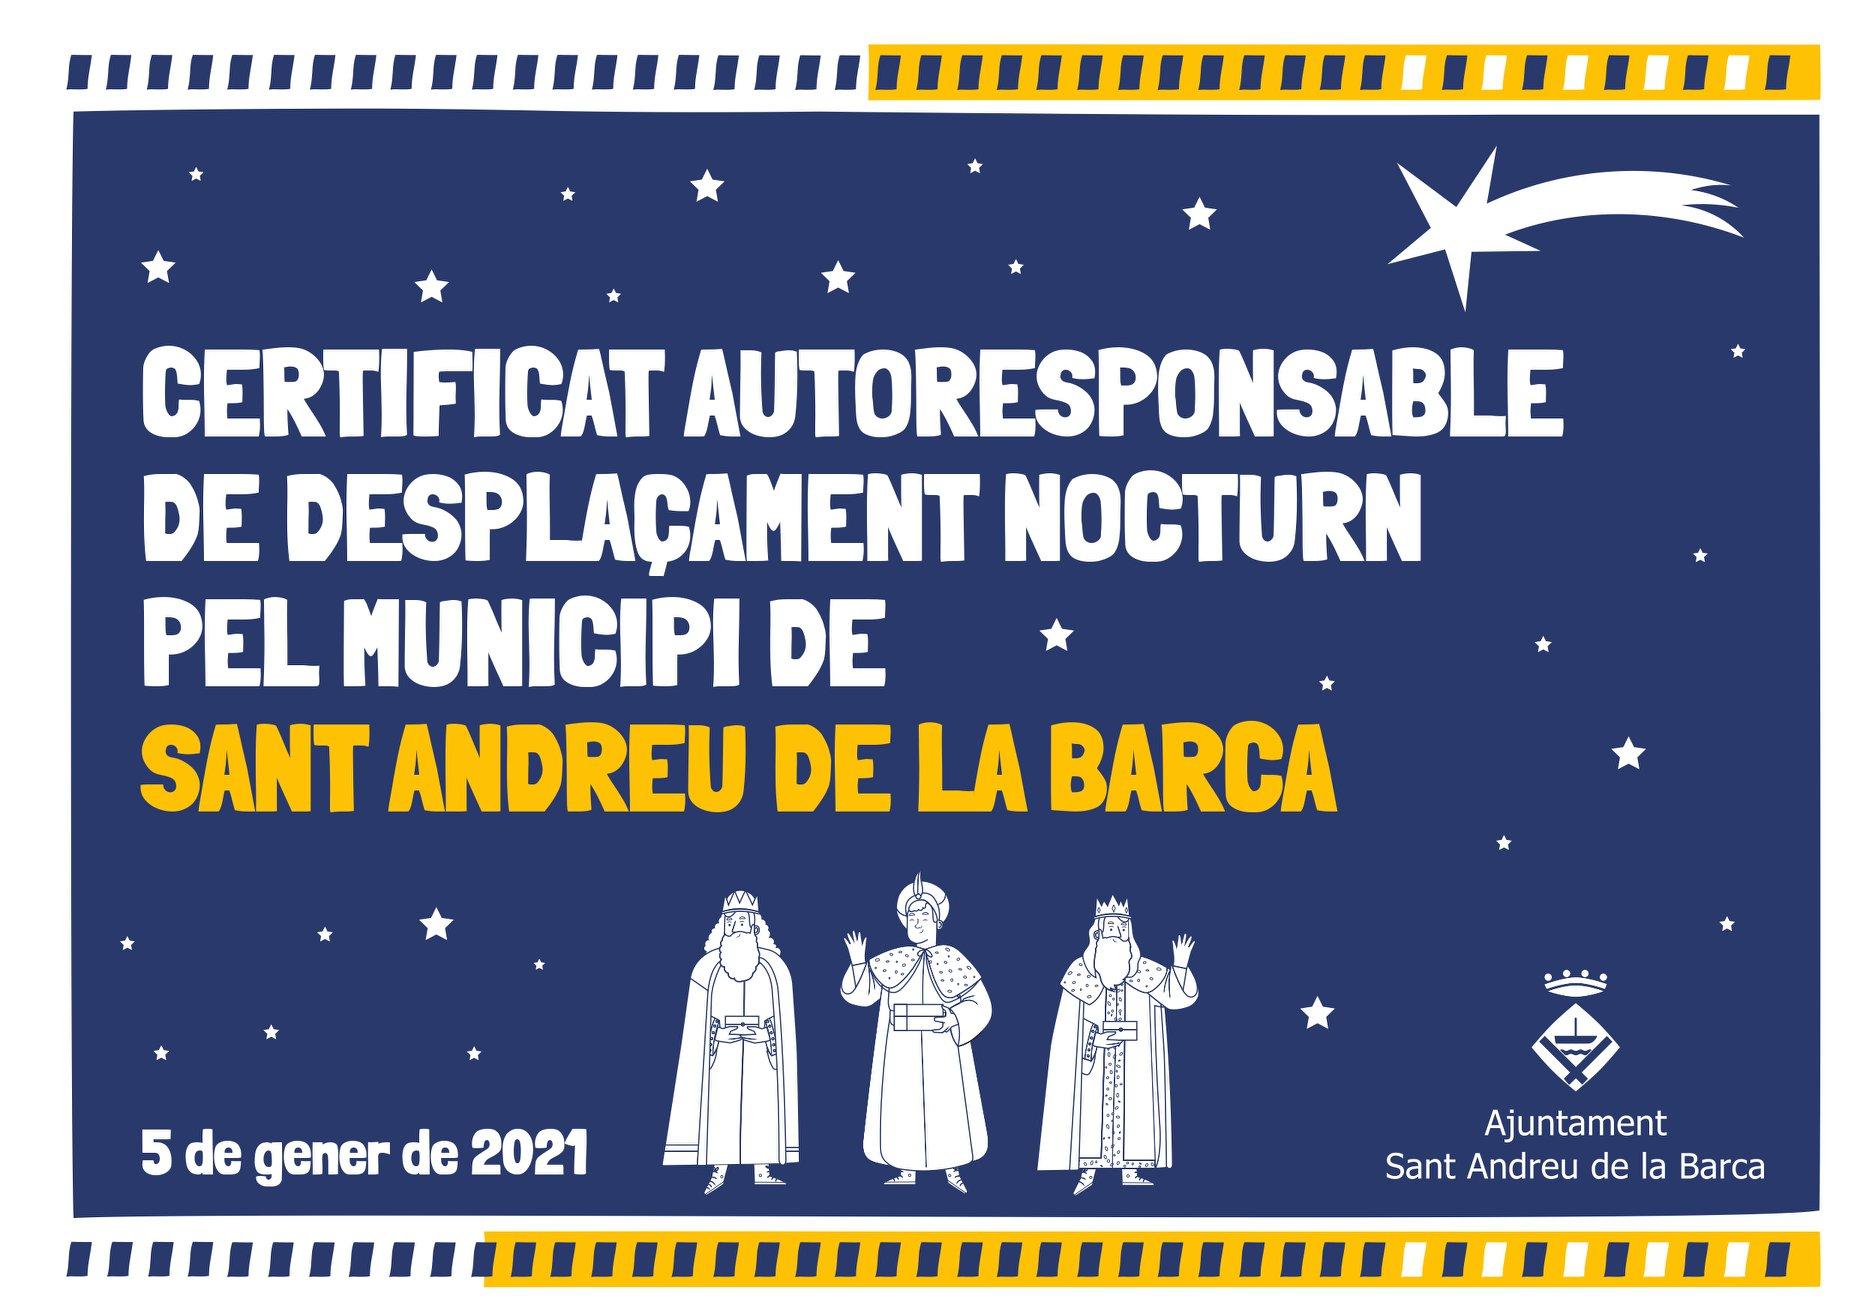 L'alcalde de Sant Andreu de la Barca autoritza als Reis Mags a trencar el confinament nocturn